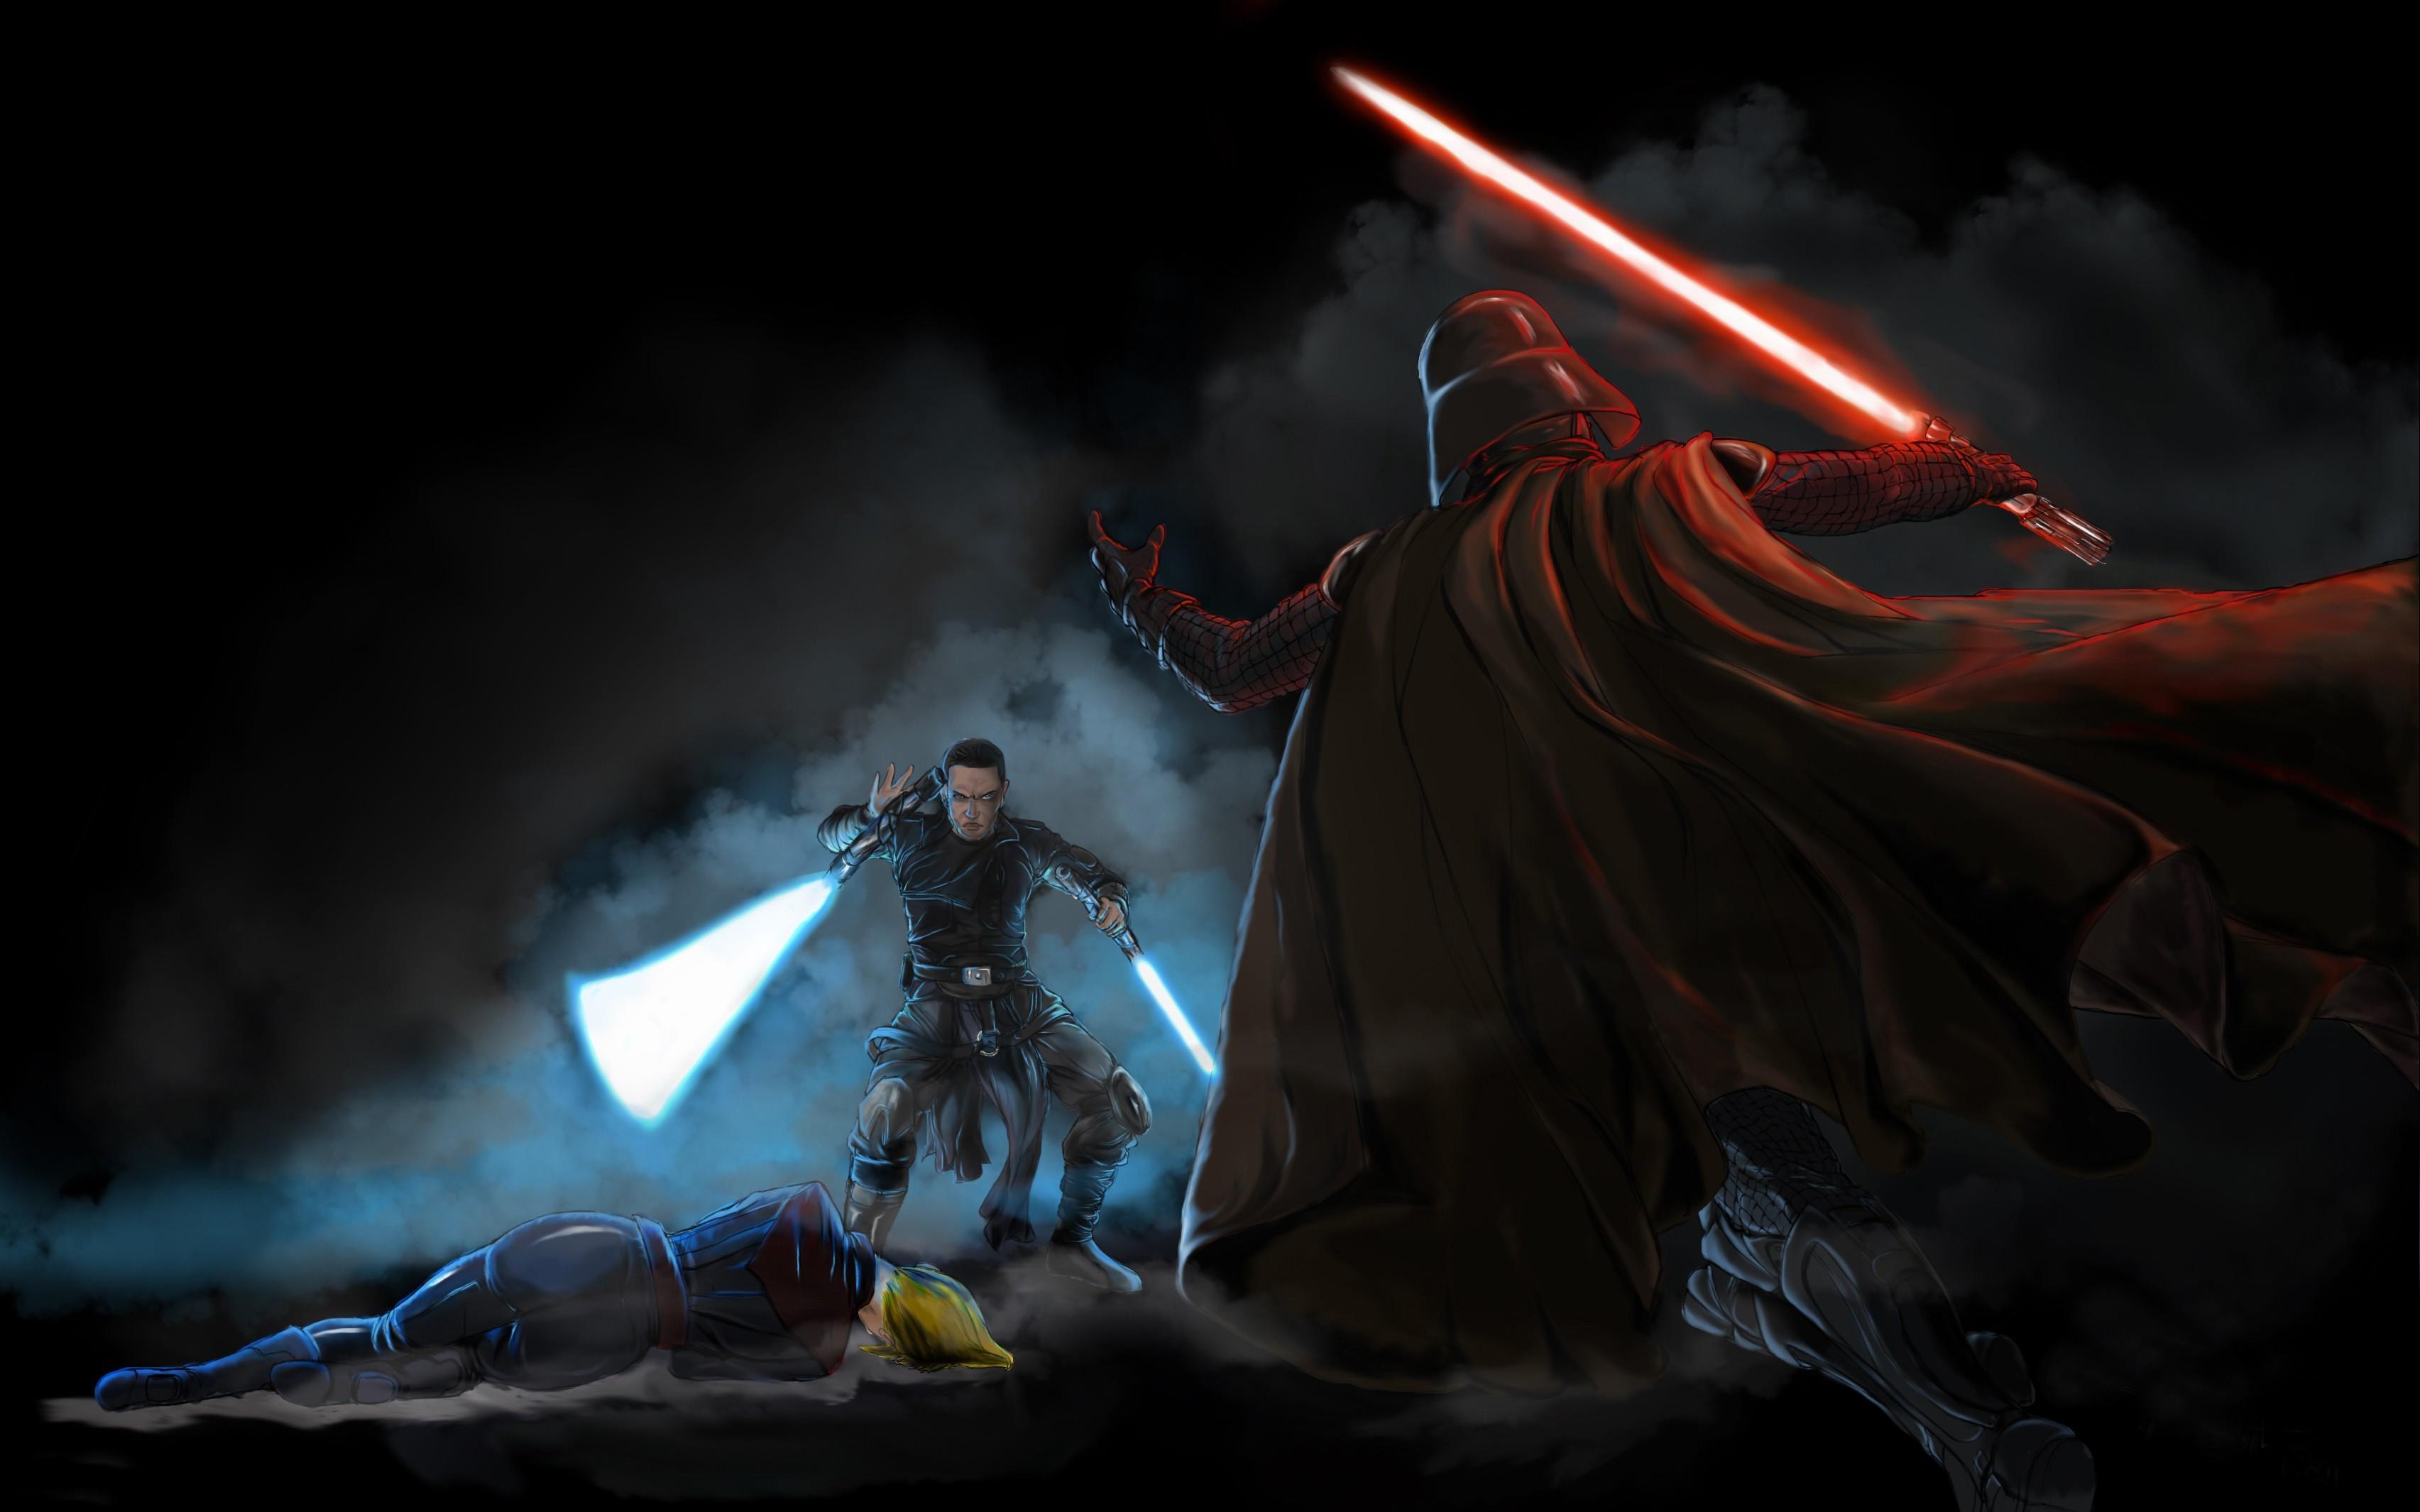 Star Wars, Artwork, Darth Vader Wallpapers HD / Desktop and Mobile  Backgrounds